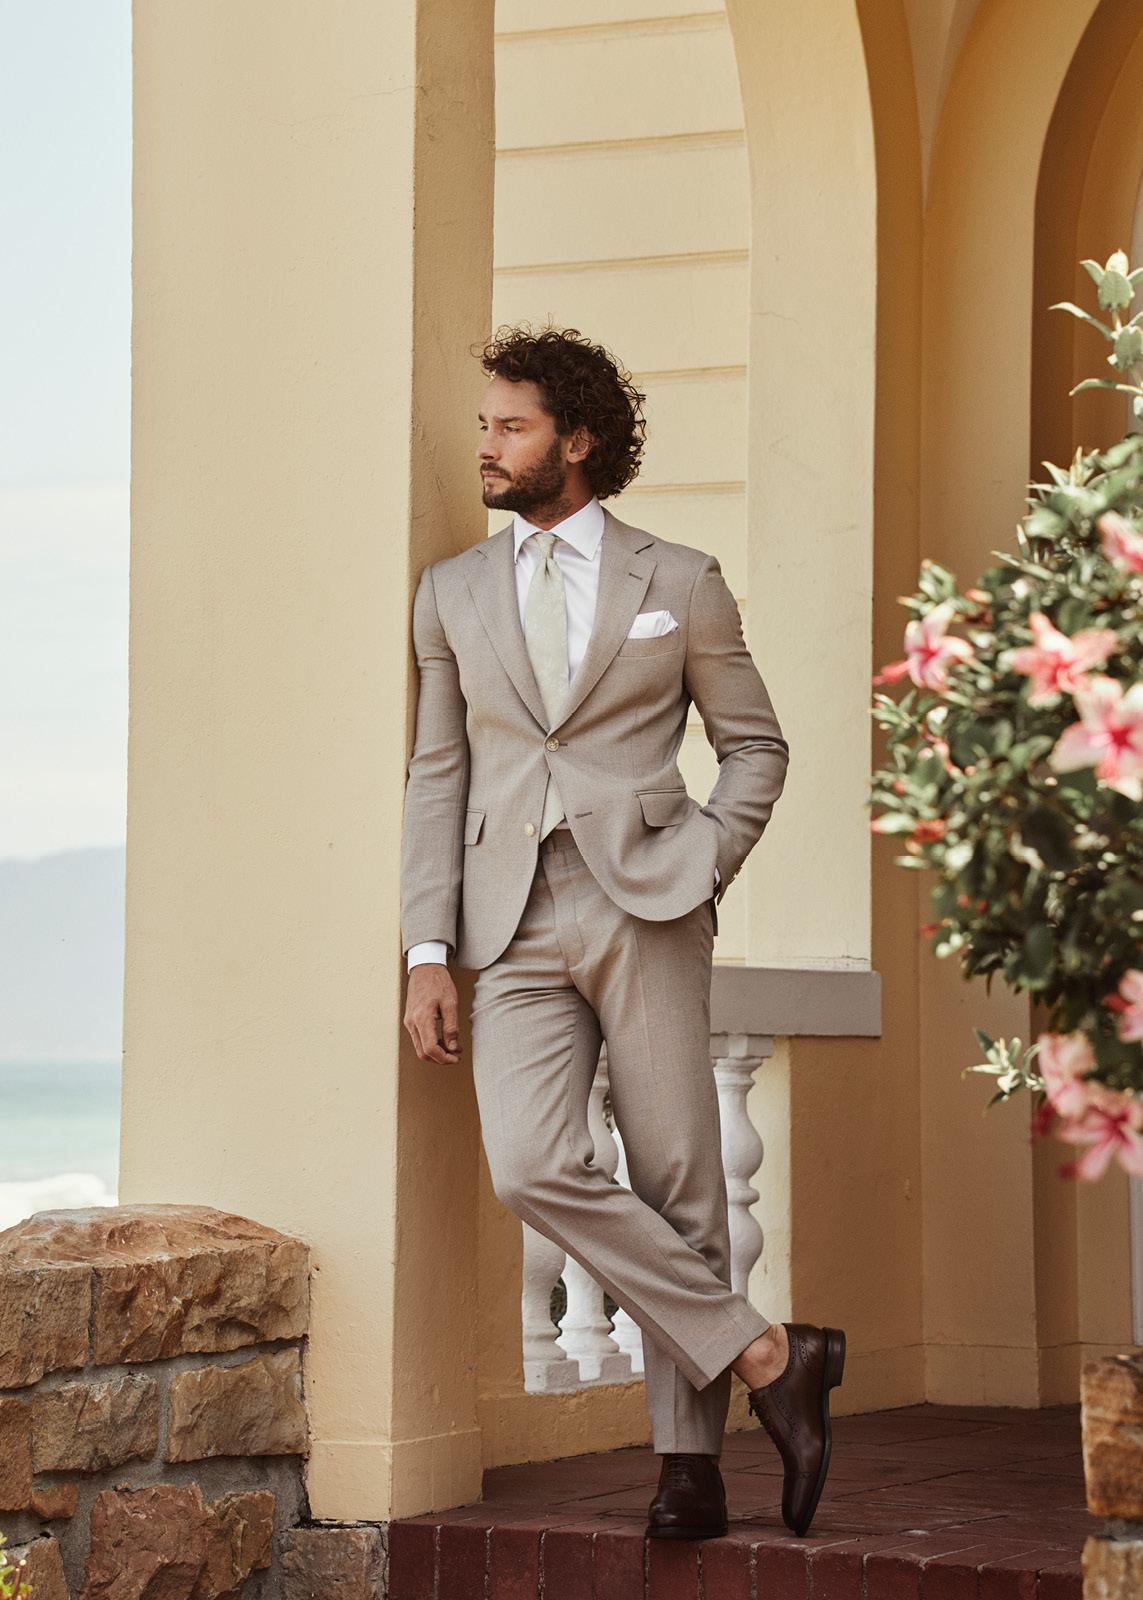 1143x1600_Suits 2020-